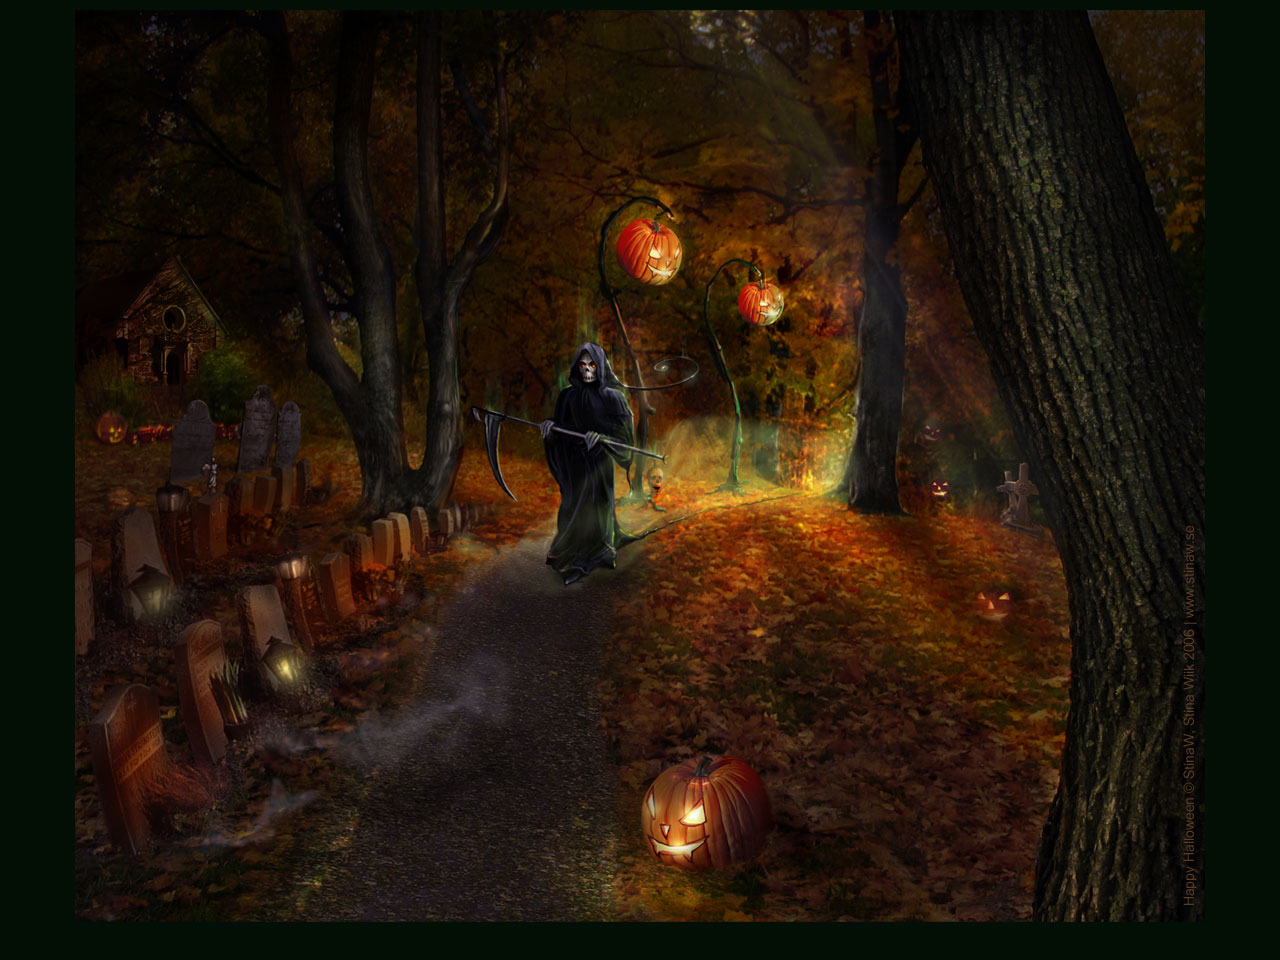 halloweenbyikaa1.jpg